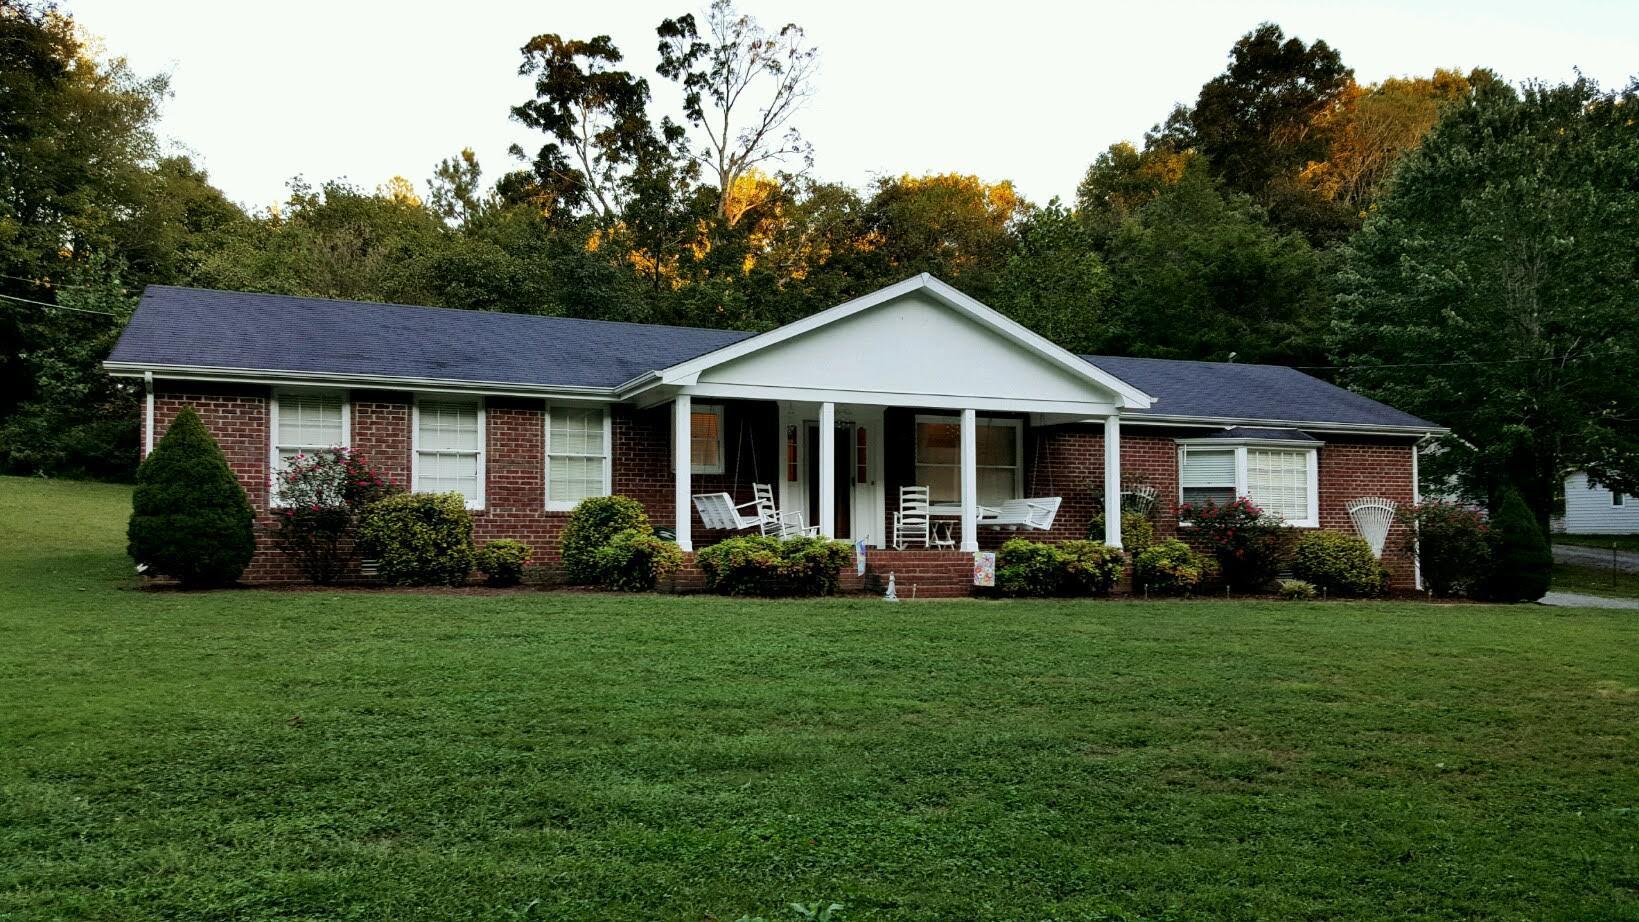 Photo of 1450 Williamson Rd  Goodlettsville  TN